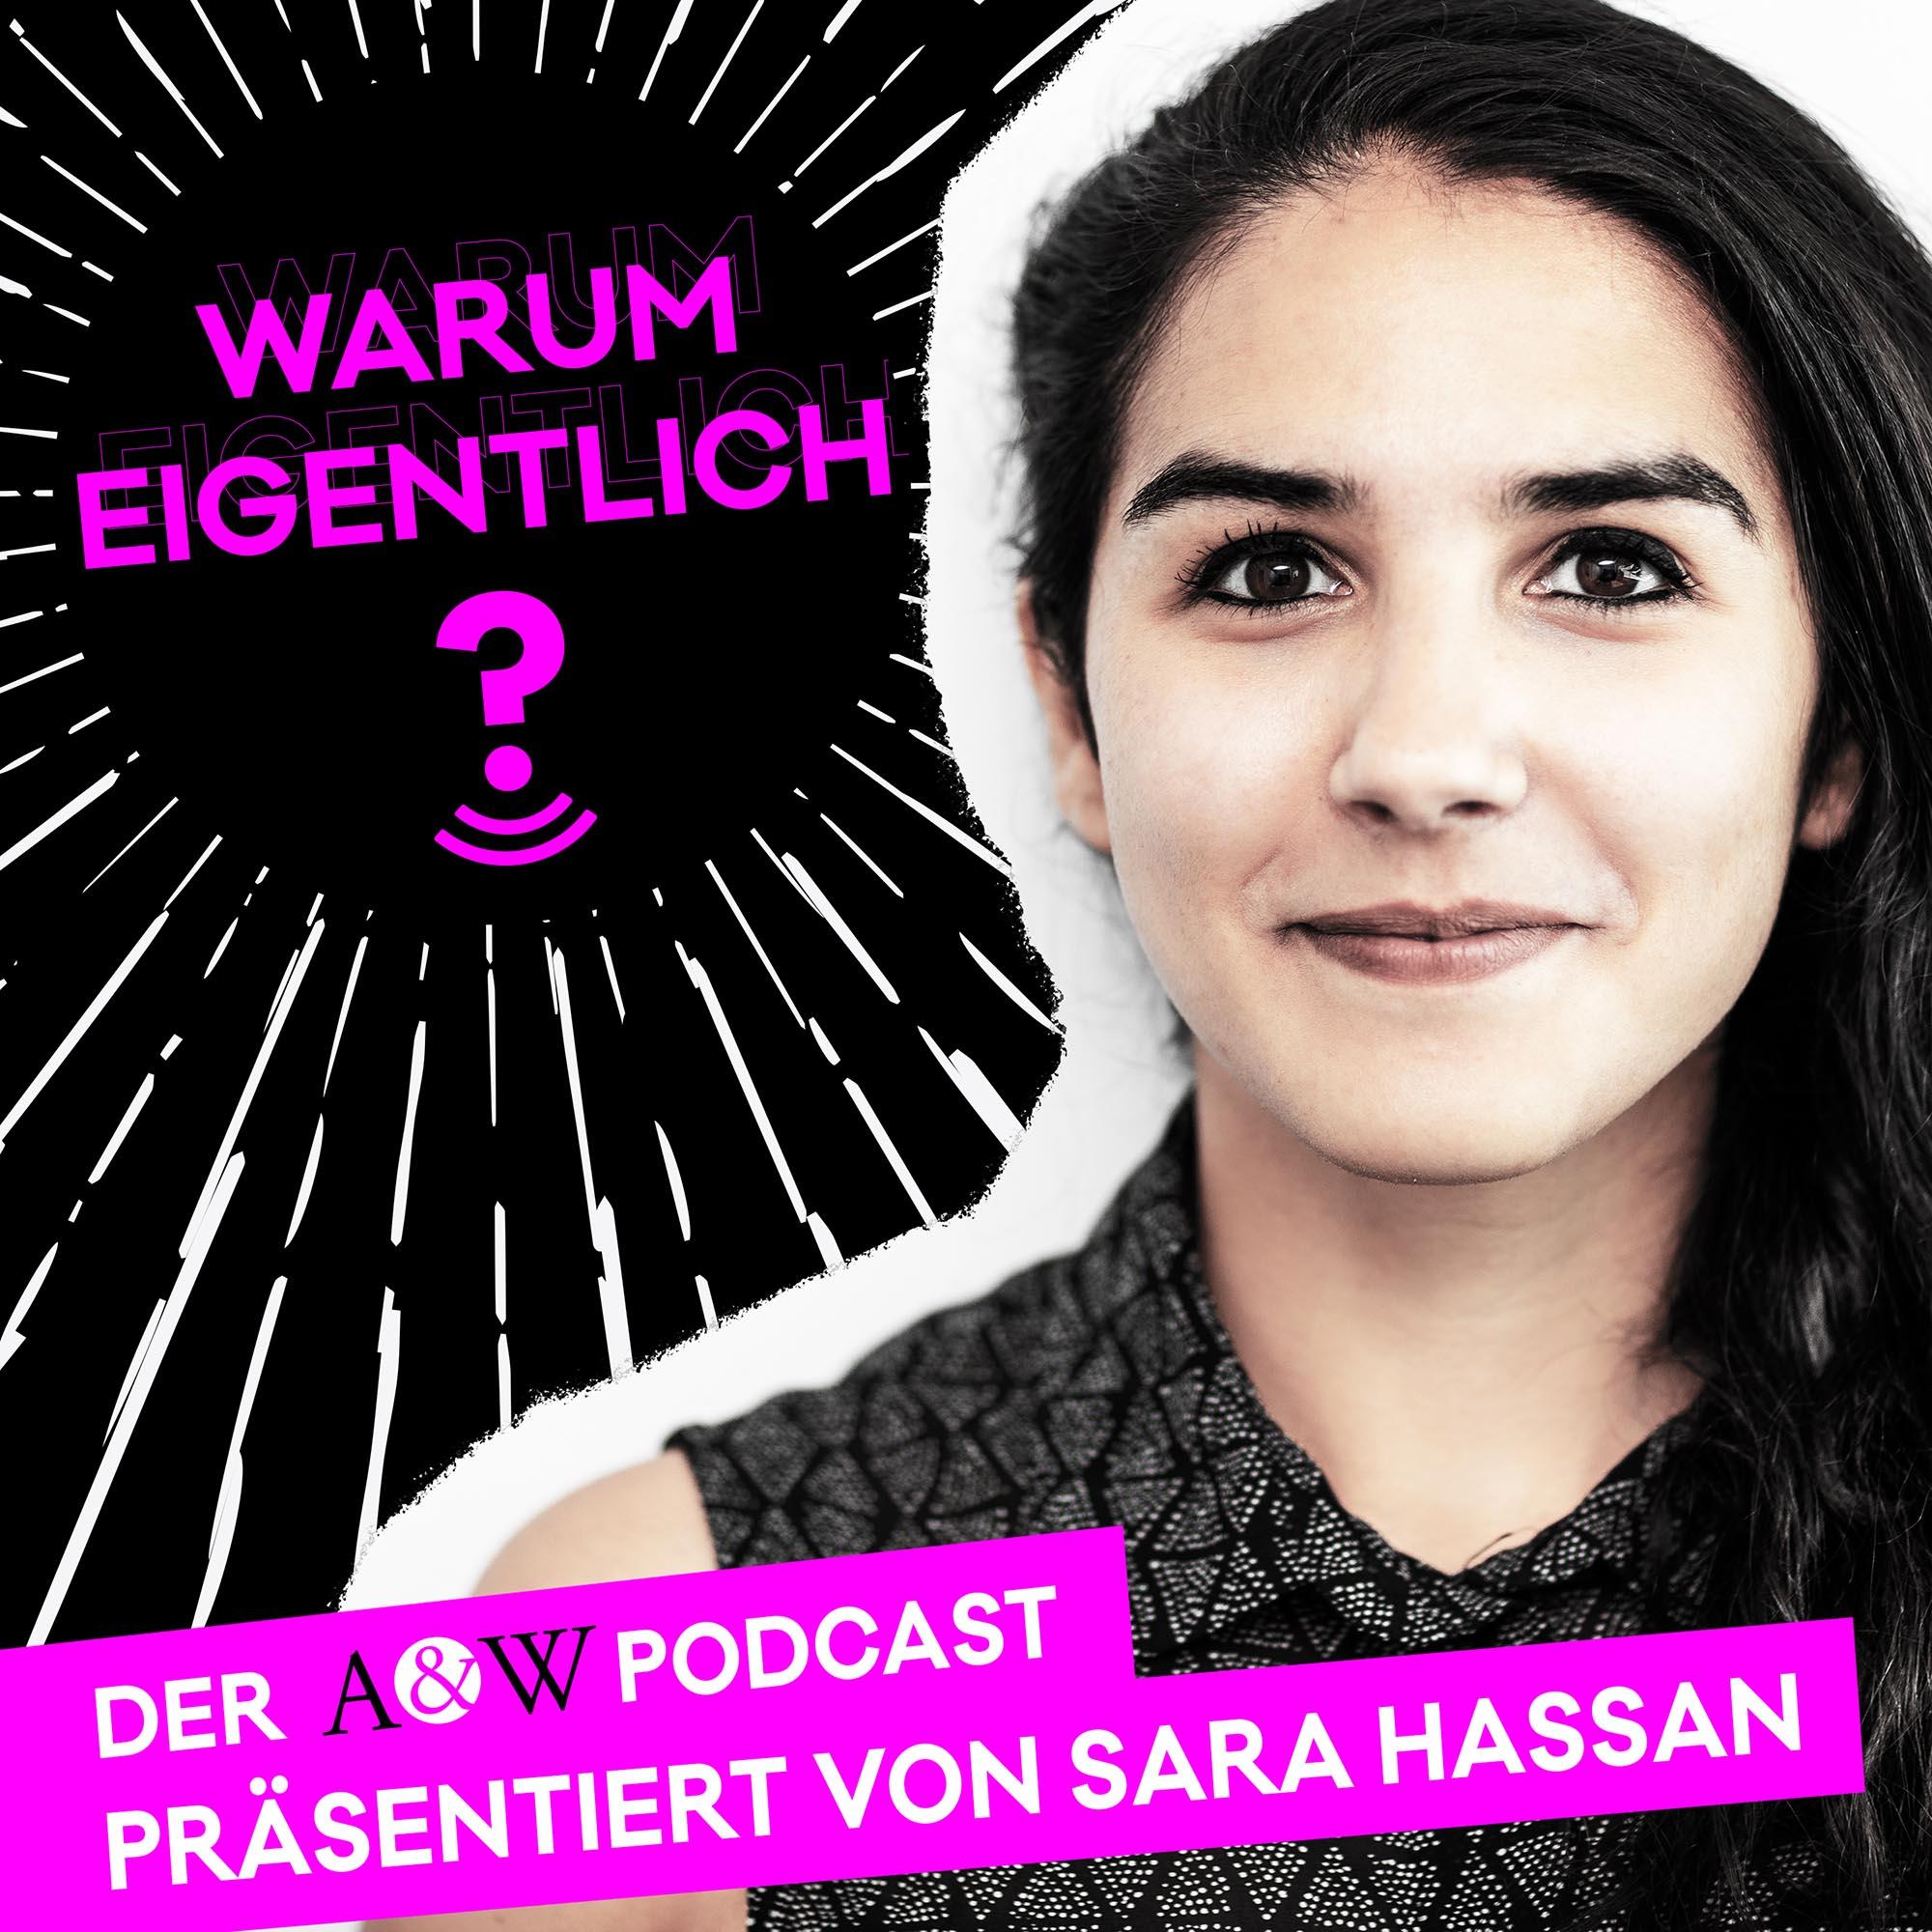 Podcast - Warum eigentlich? Der Podcast von Arbeit&Wirtschaft